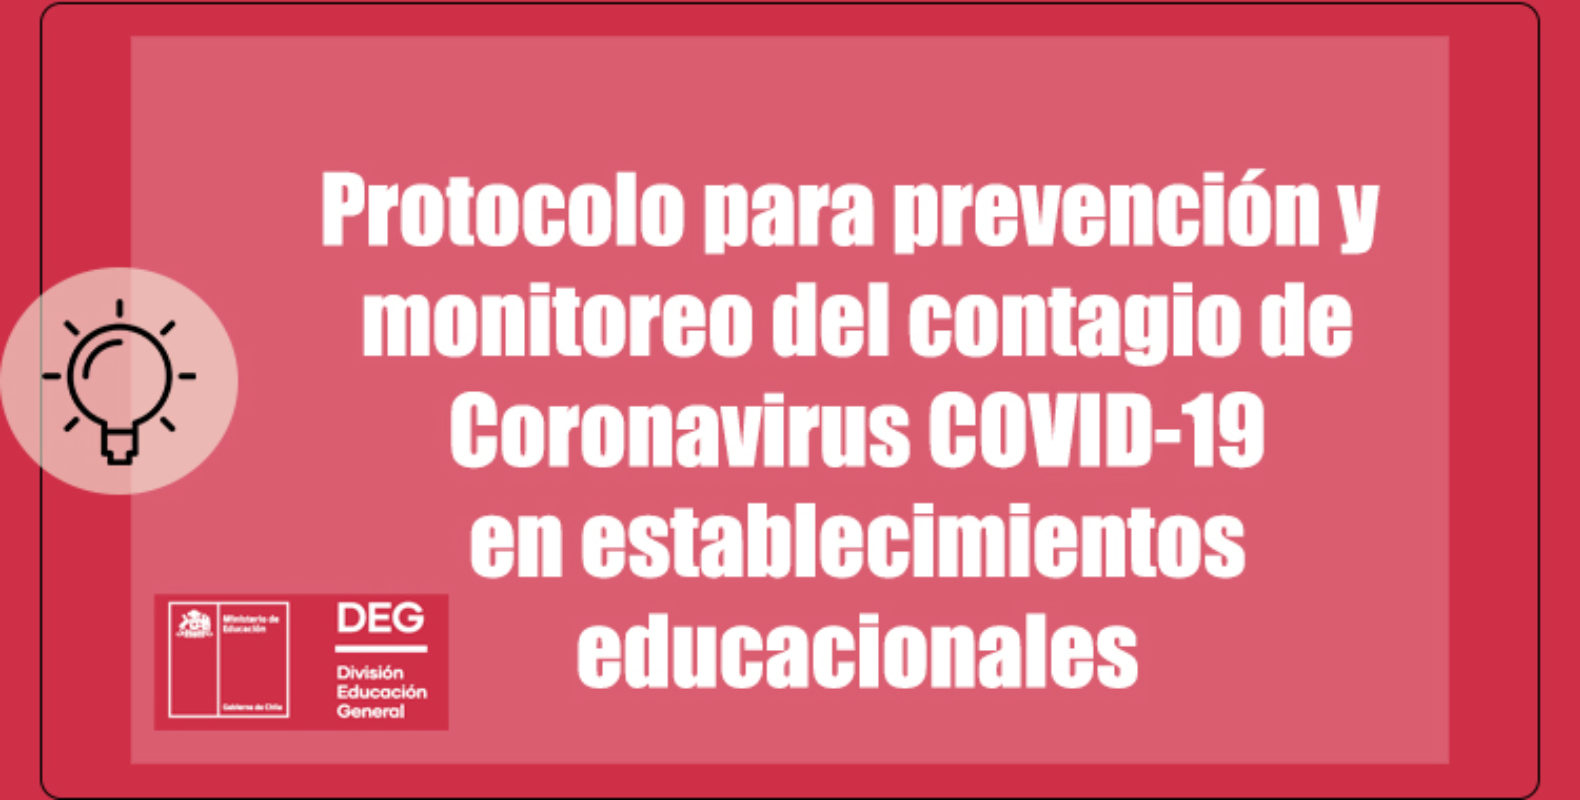 PROTOCOLO CORONAVIRUS - MINISTERIO DE EDUCACIÓN (DEG)